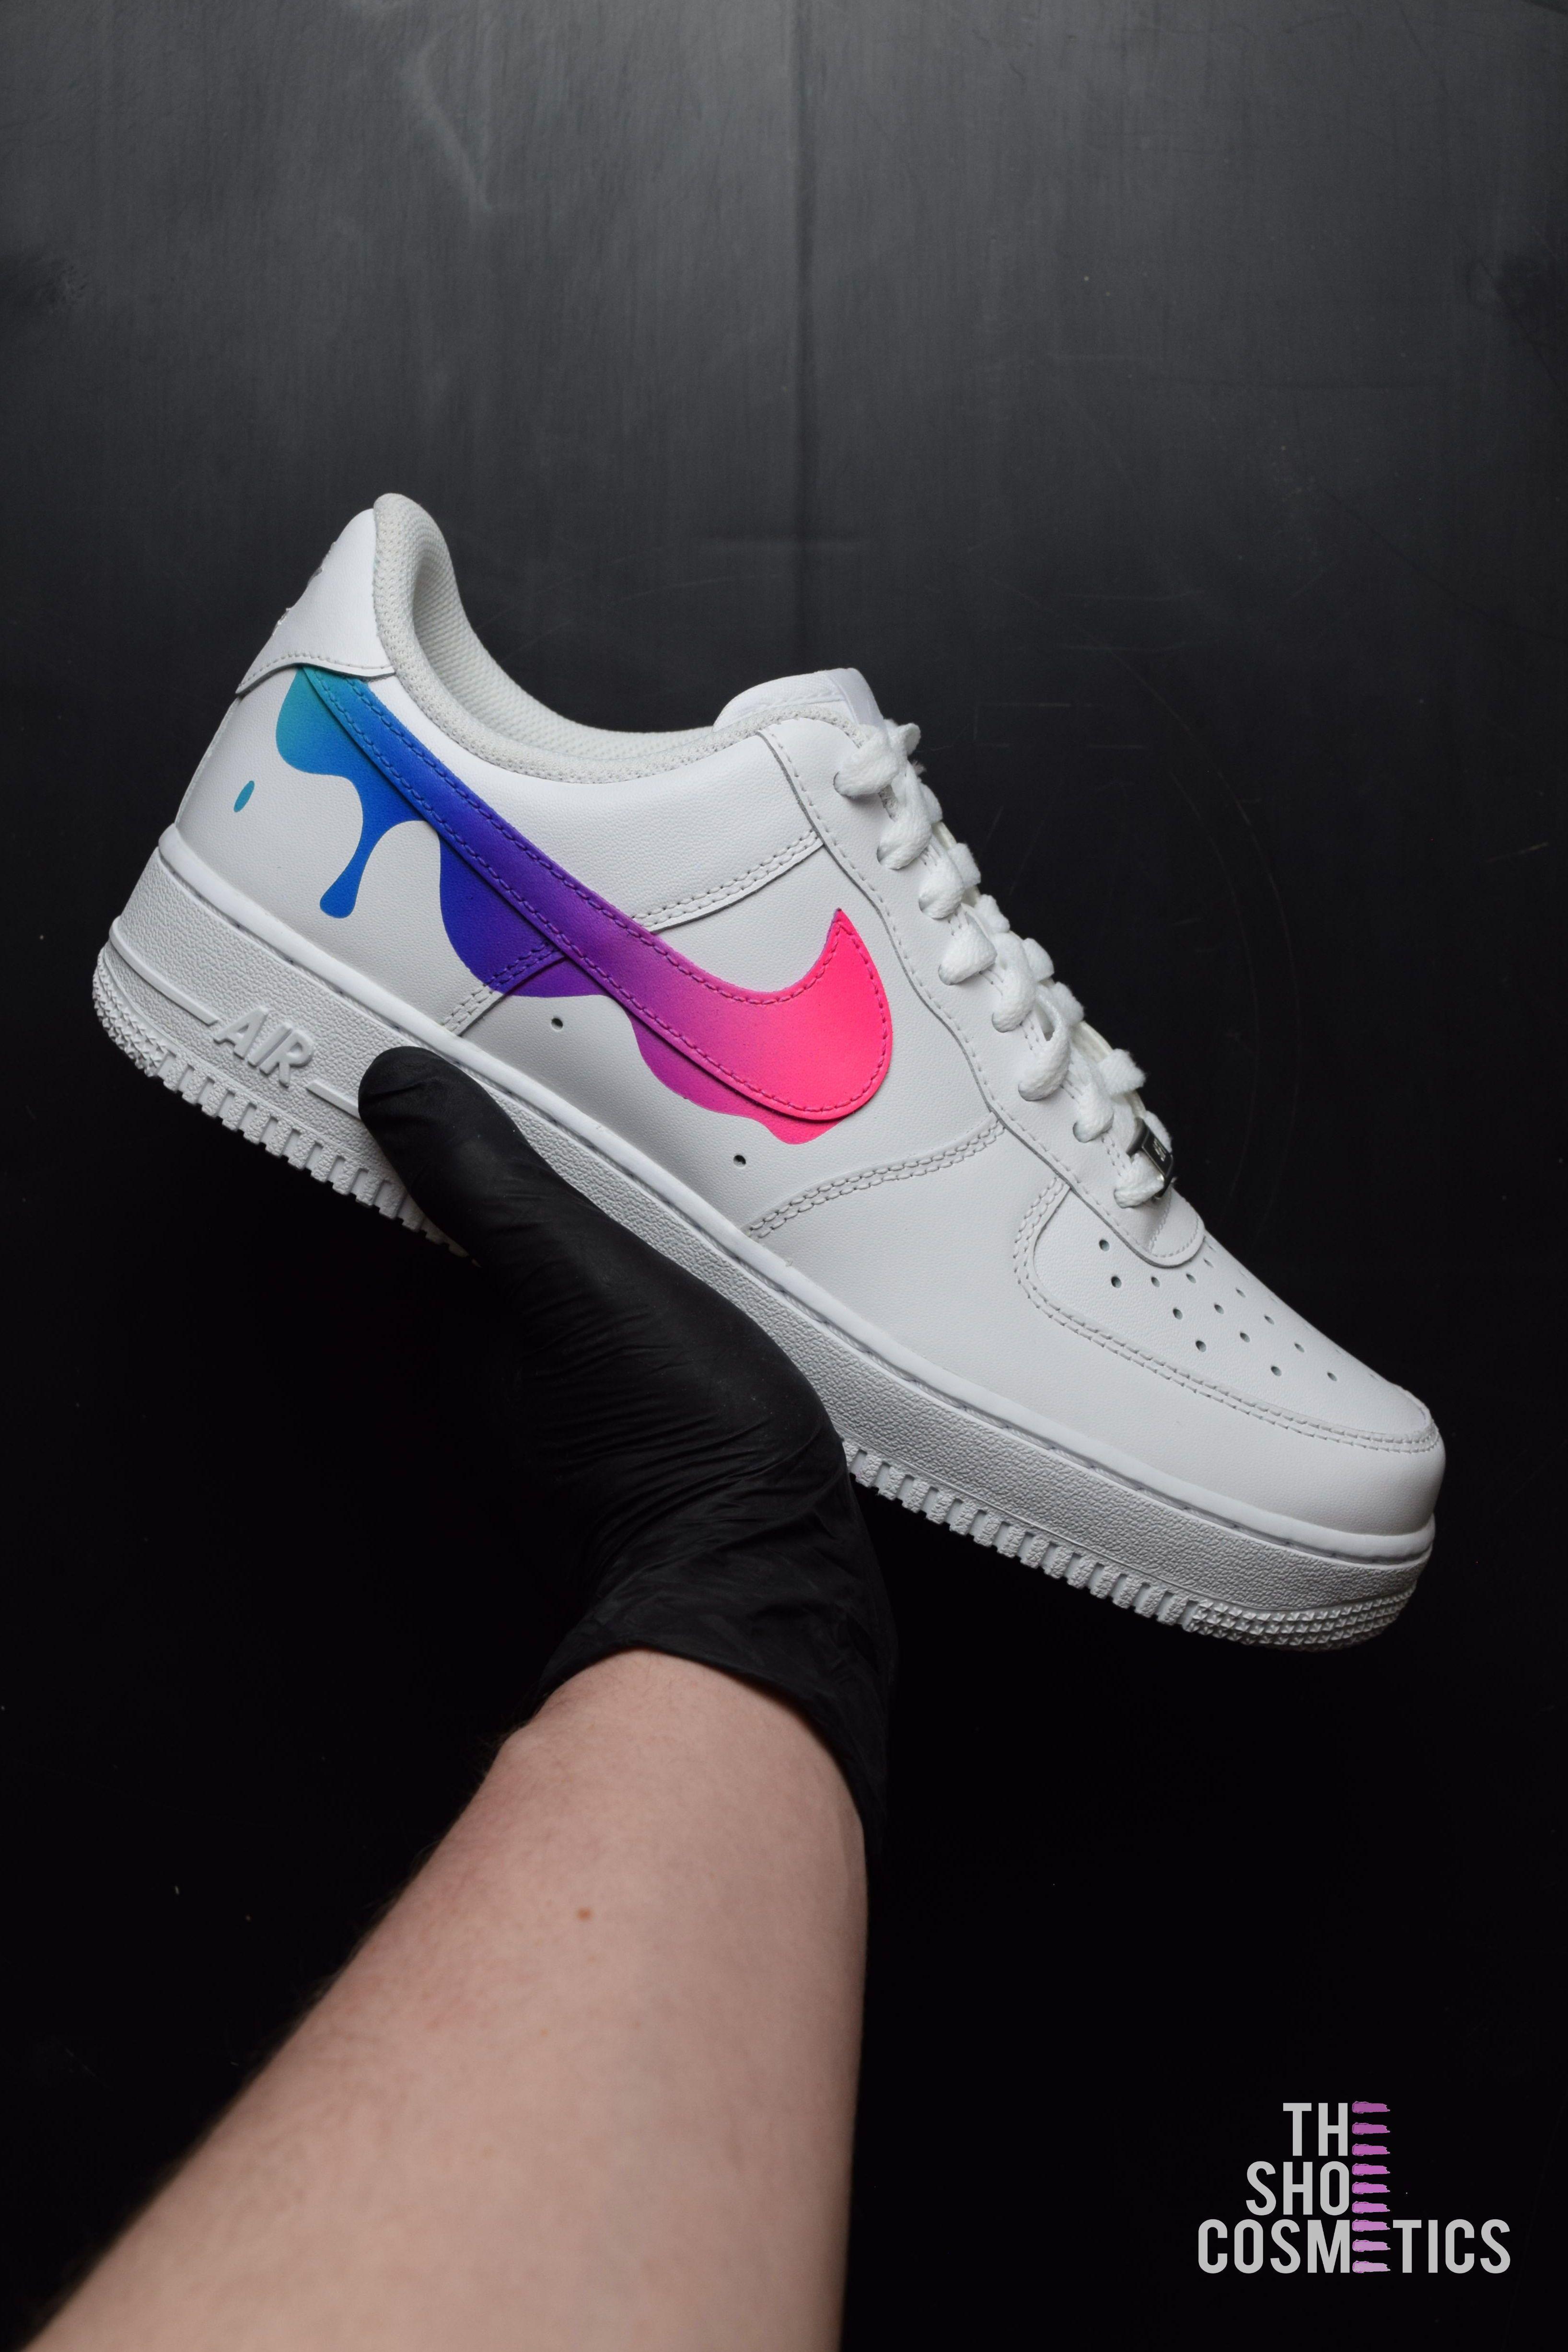 brugerdefinerede nike sko Force 1